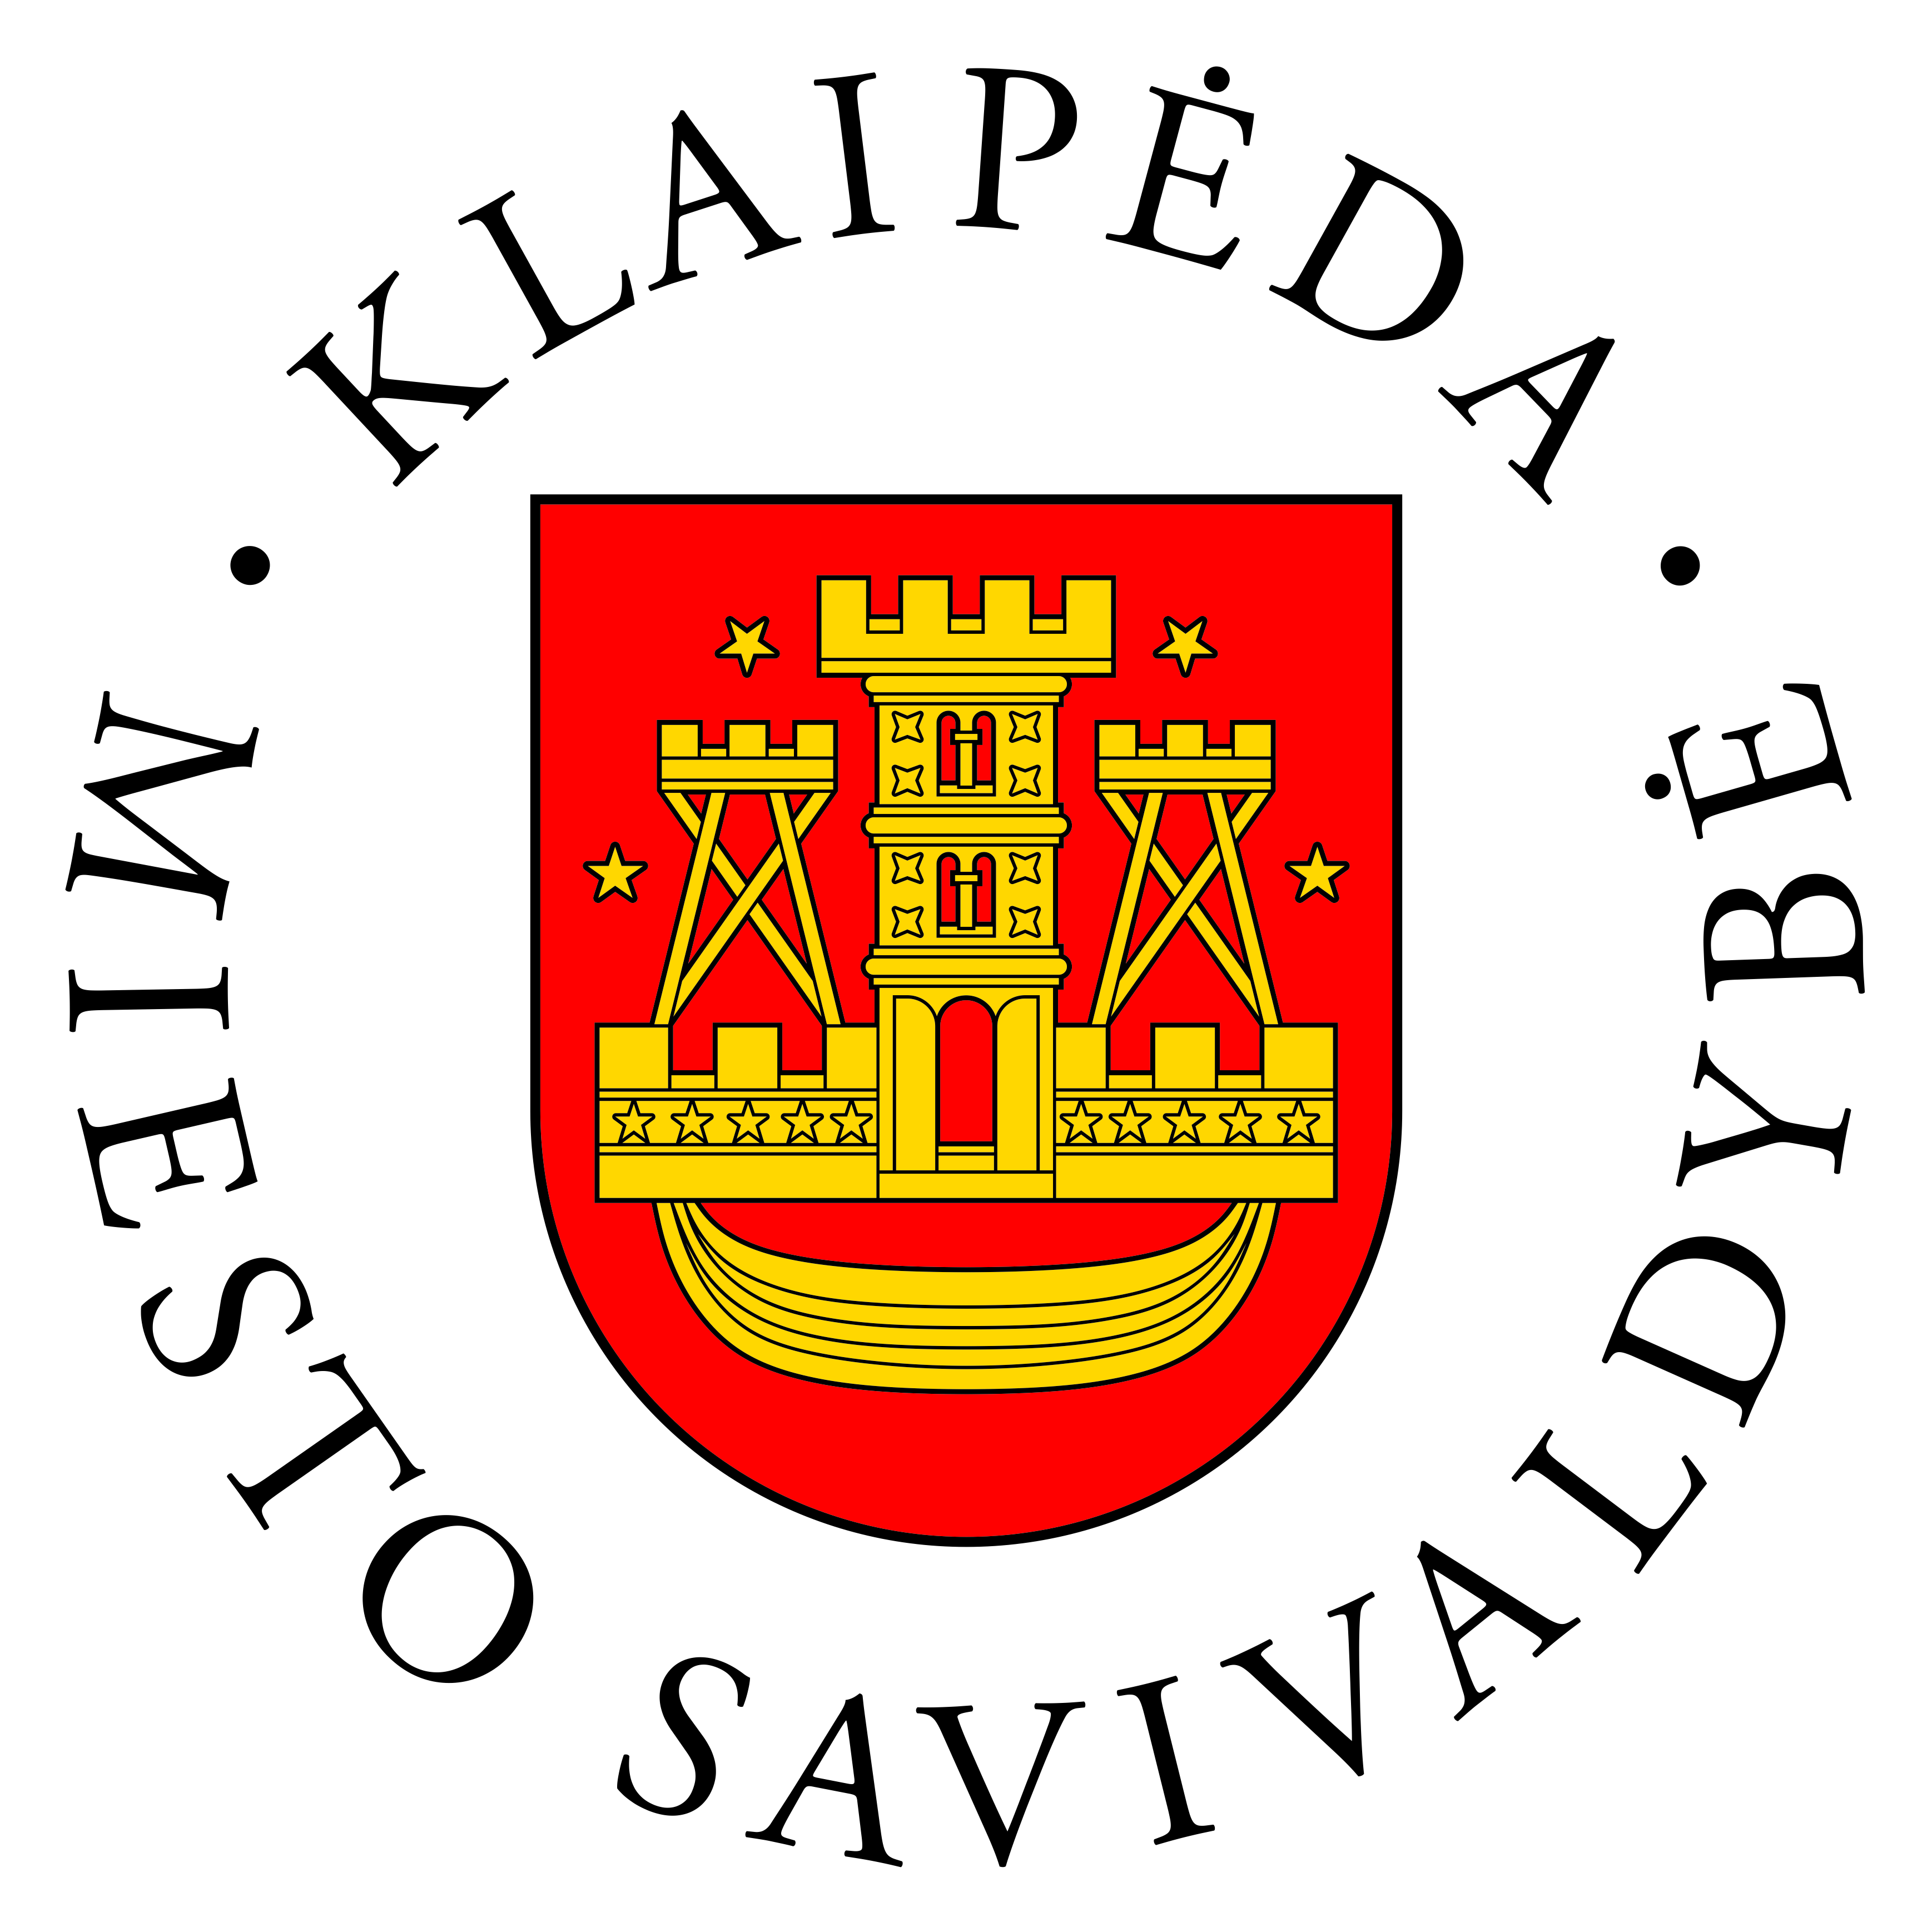 Klaipėdos miesto savivaldybės logotipas